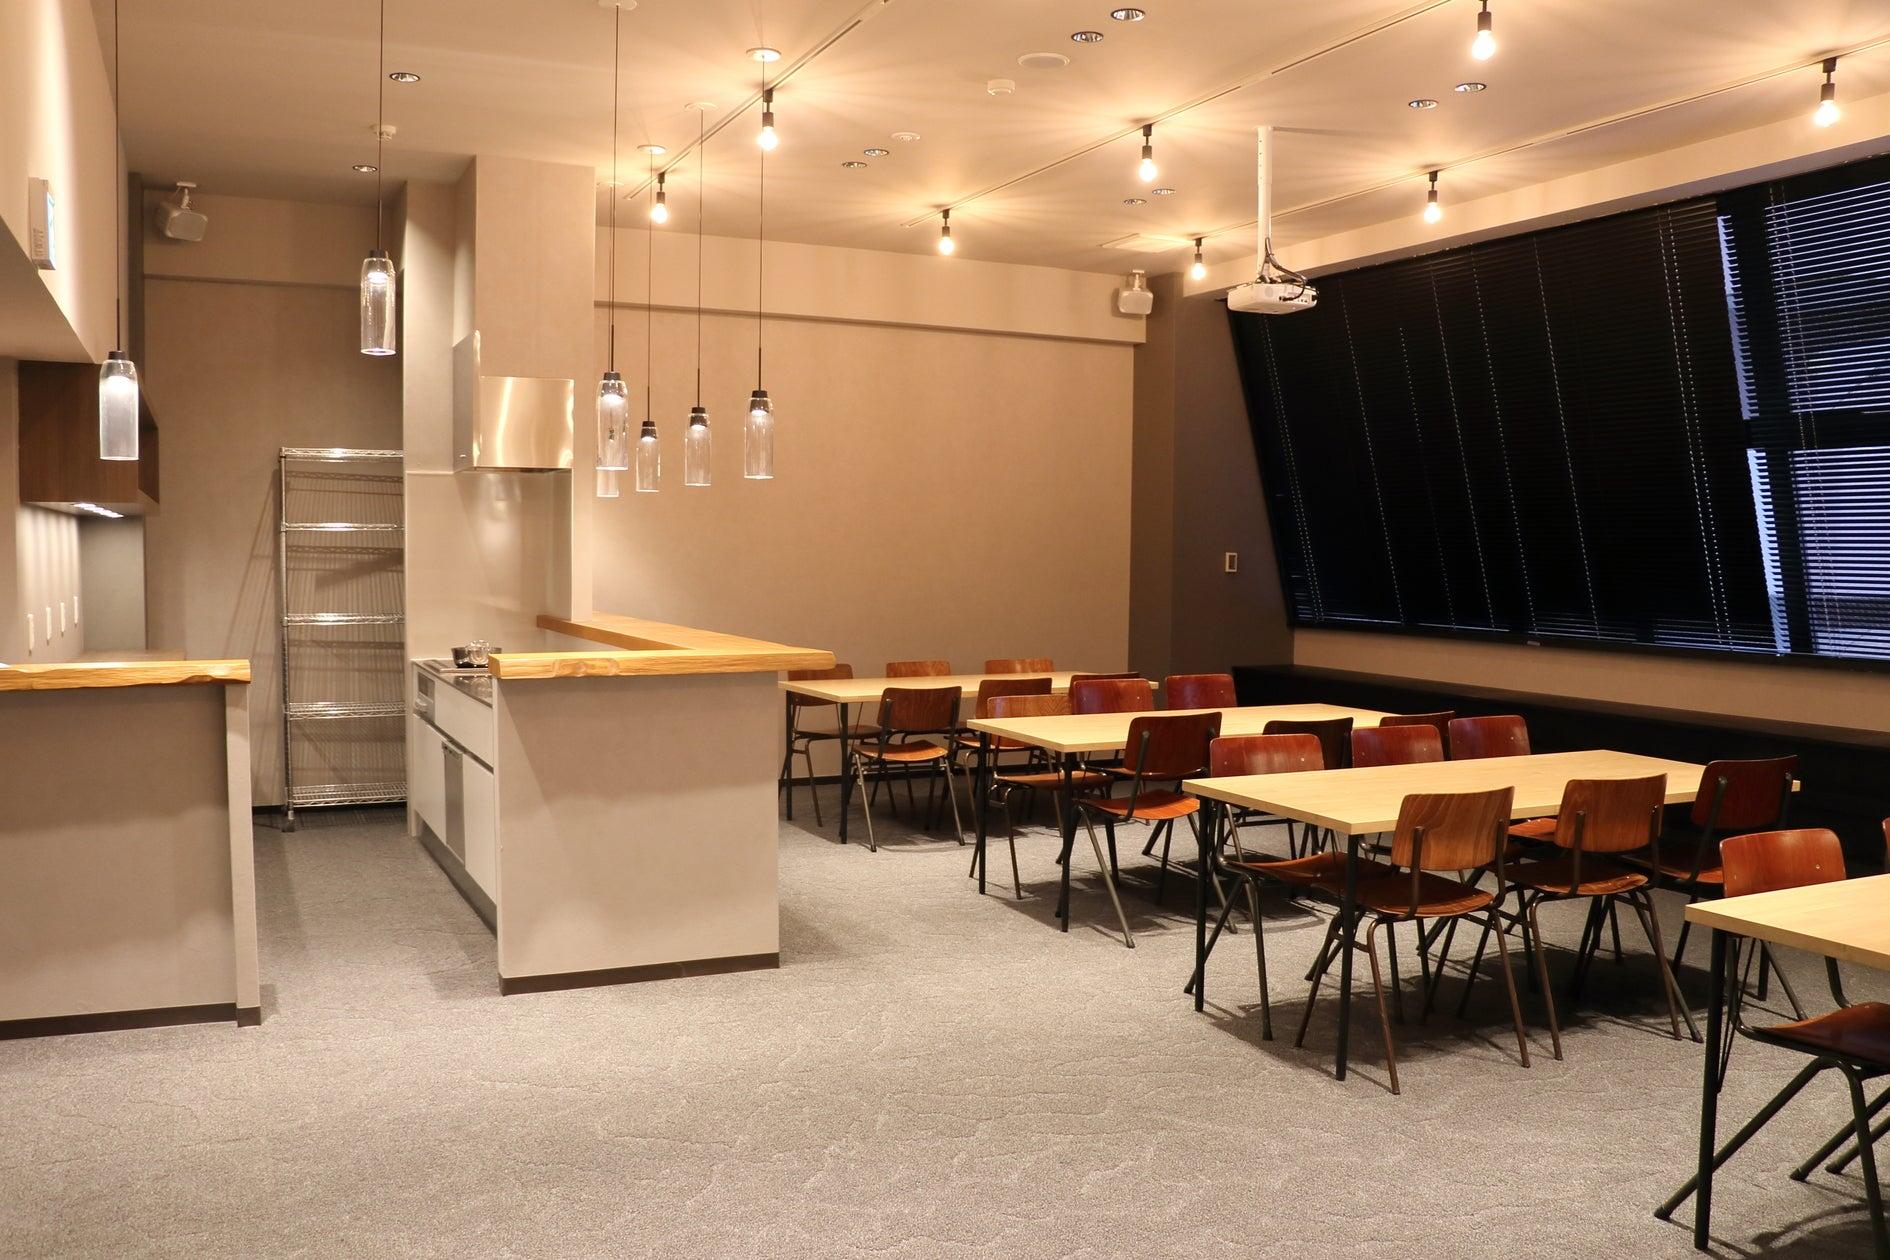 【近江町市場から徒歩2分】セミナー利用からパーティー利用まで幅広く可能なキッチン付のレンタルスペース(Emblem Stay Kanazawa レンタルスペース) の写真0